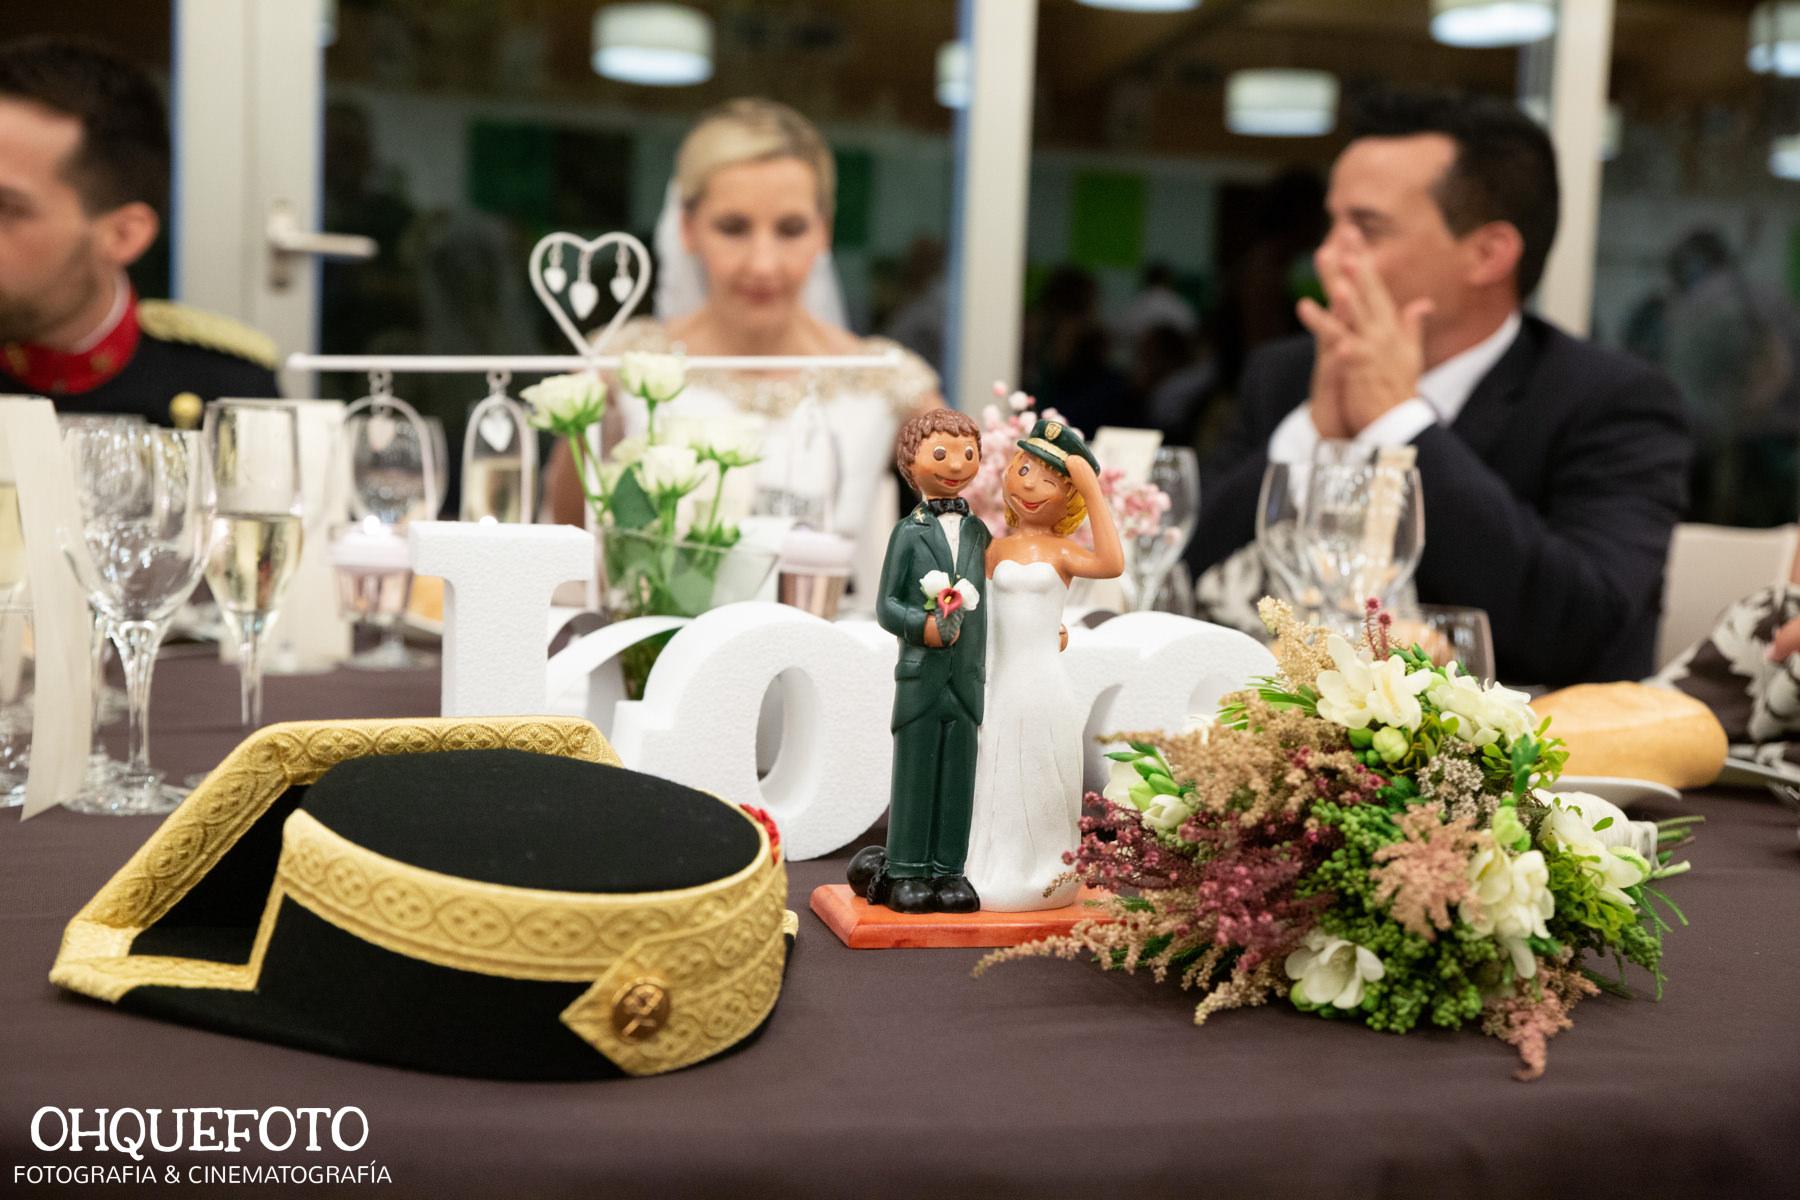 boda en la peraleda boda en cabeza del buey boda en capilla reportaje de bodas en almaden video de bodas en cordoba480 - Jose y Gema - Boda en Zarza Capilla y la Finca La Peraleda (Chillón)